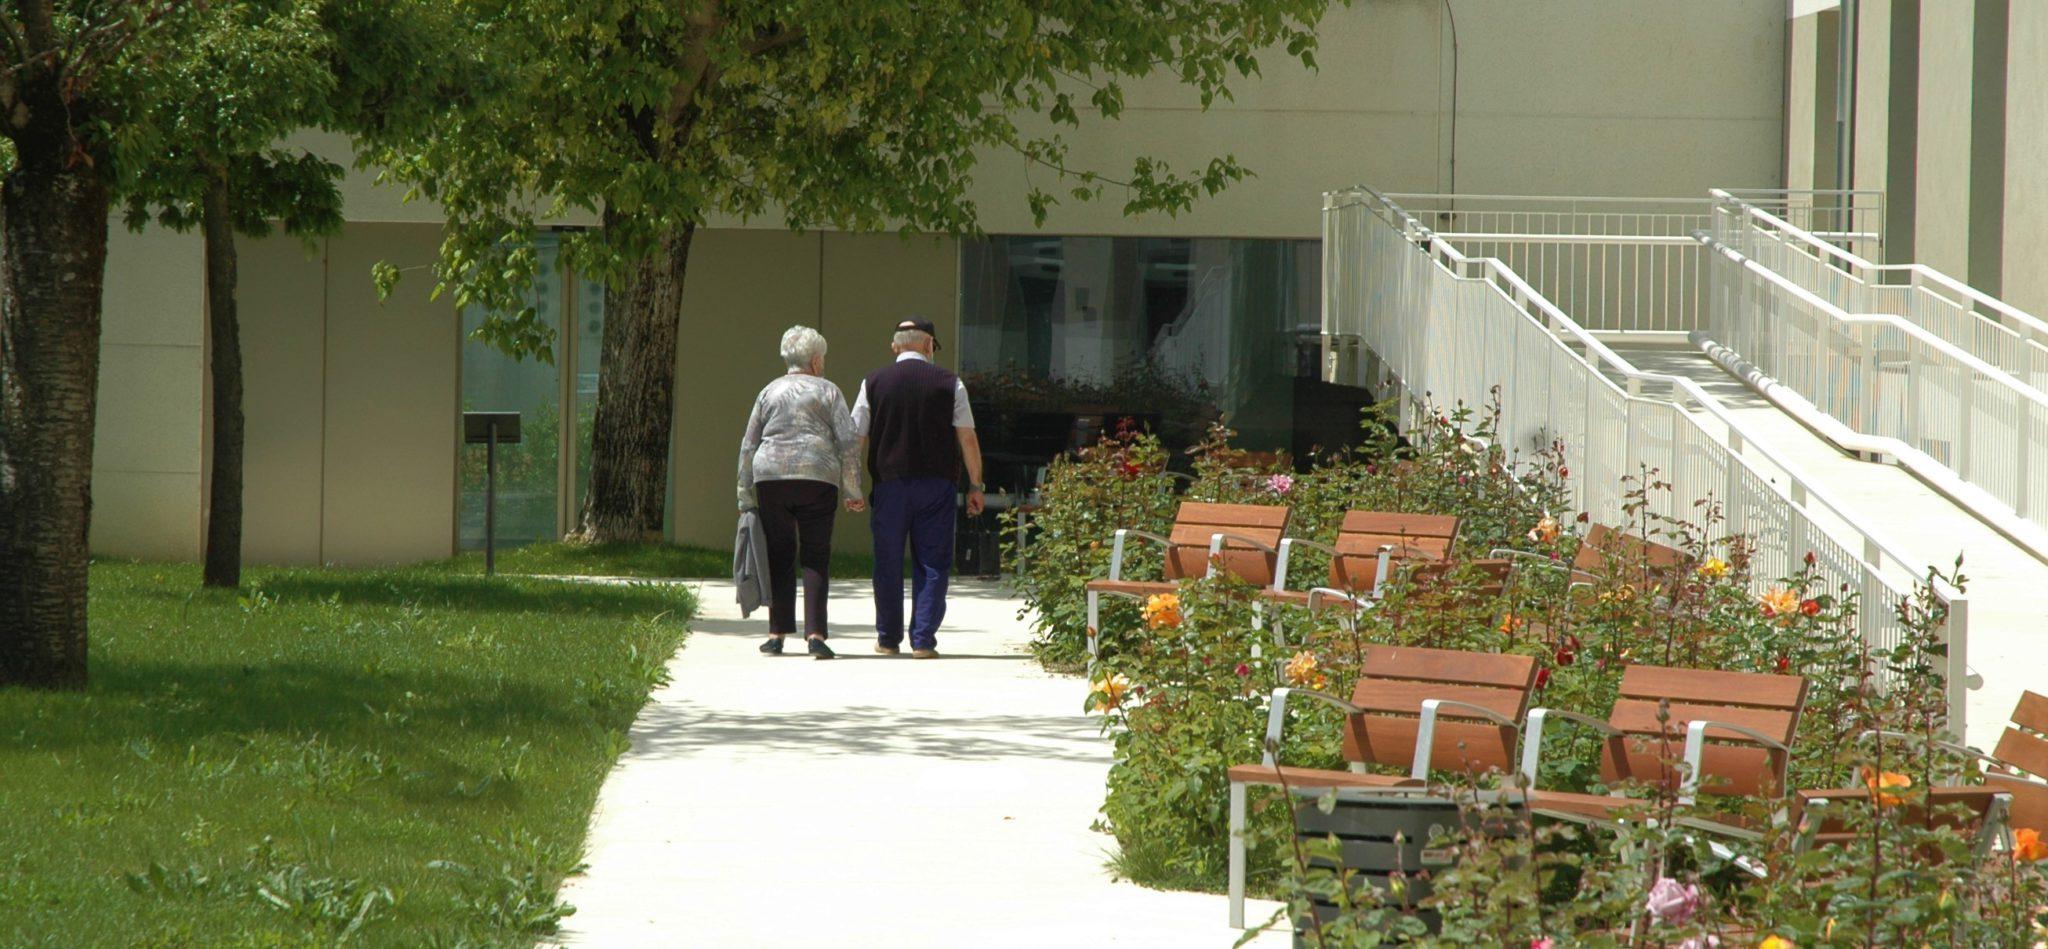 Dos personas caminan por el jardin de la Casa de Misericordia